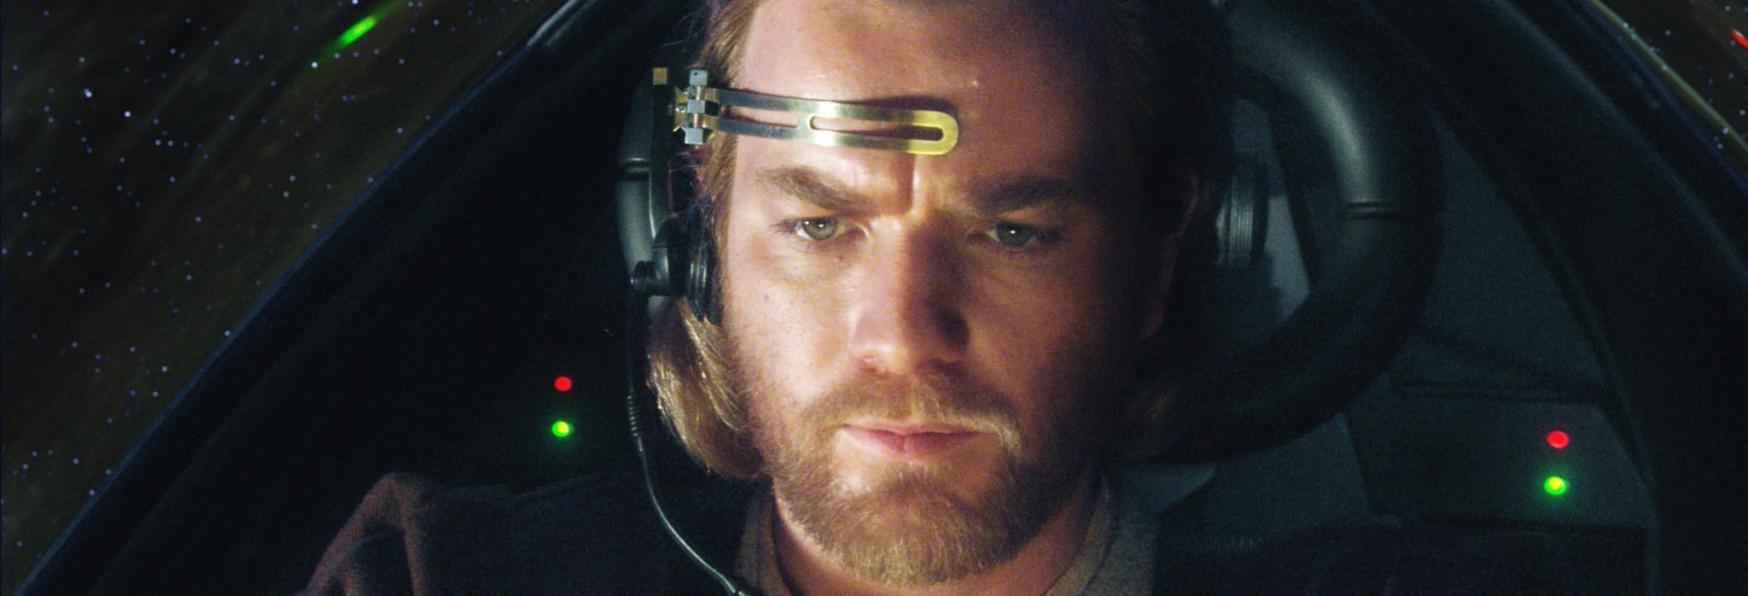 Obi-Wan Kenobi: una Foto trapelata dal Set mostra una Location Iconica della Saga di Star Wars